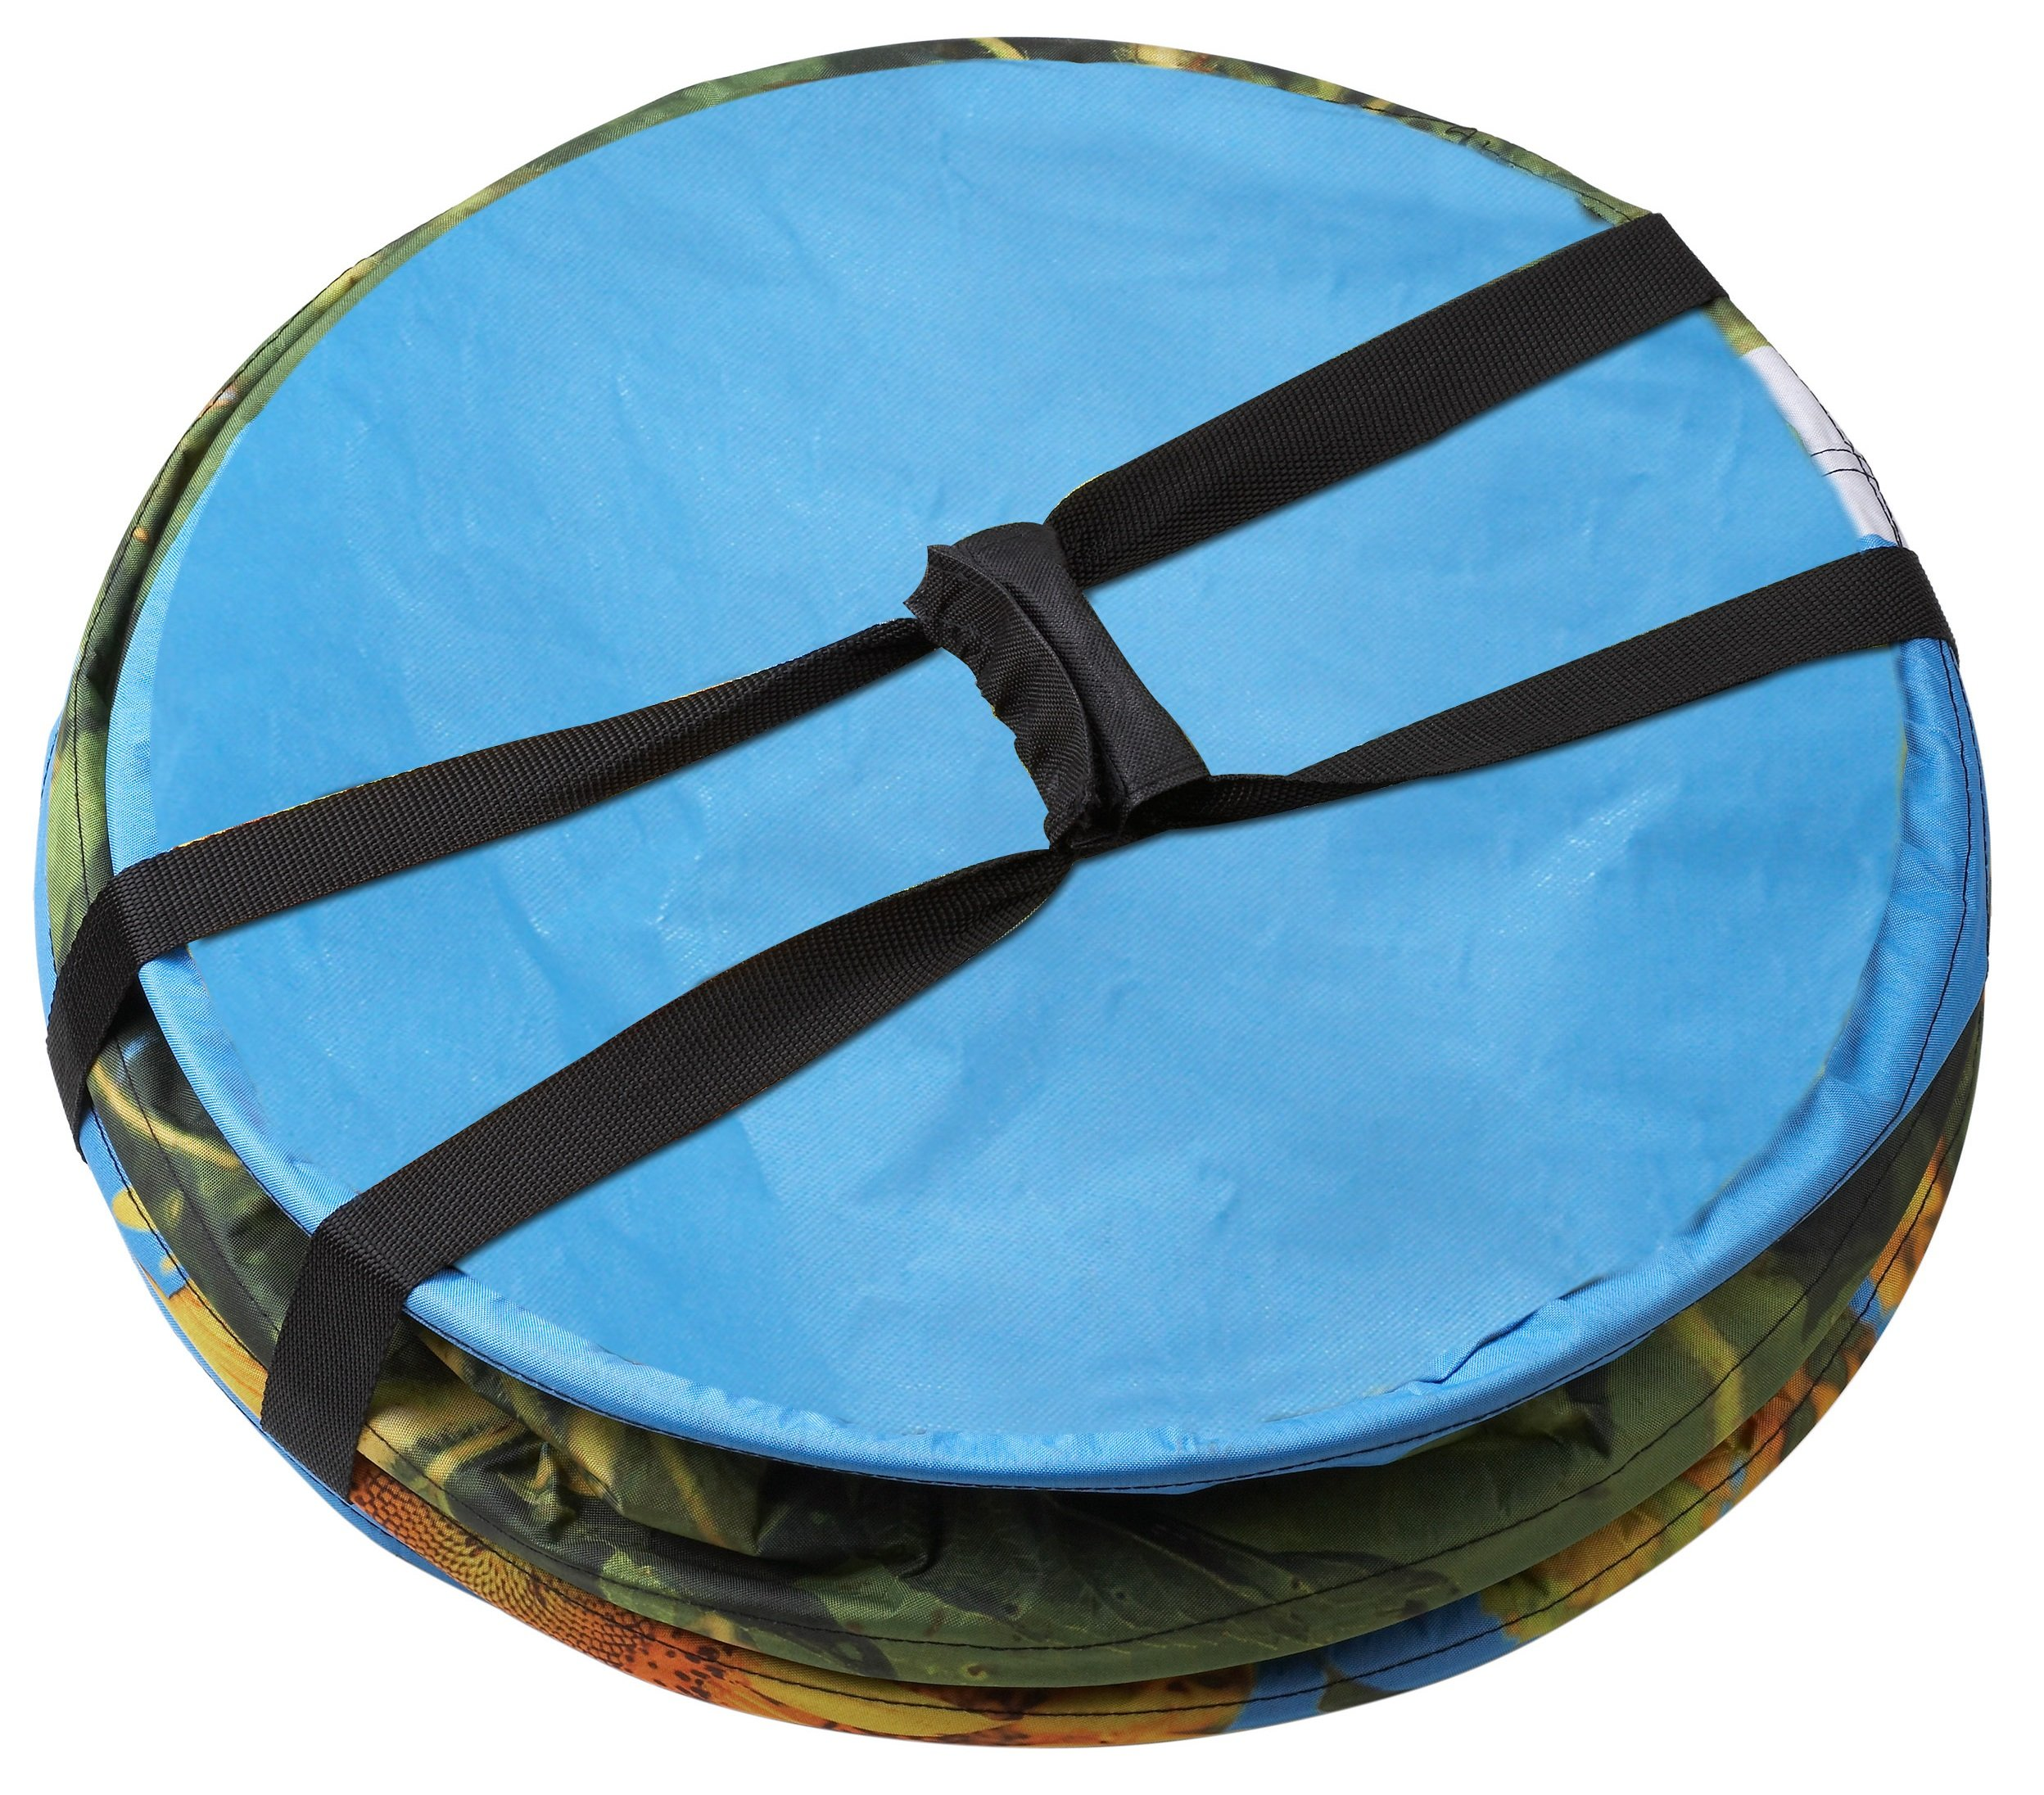 Platte Acrylglas GS Fluoreszierend blau Zuschnitt alt-intech/® 500 x 500 x 3 mm